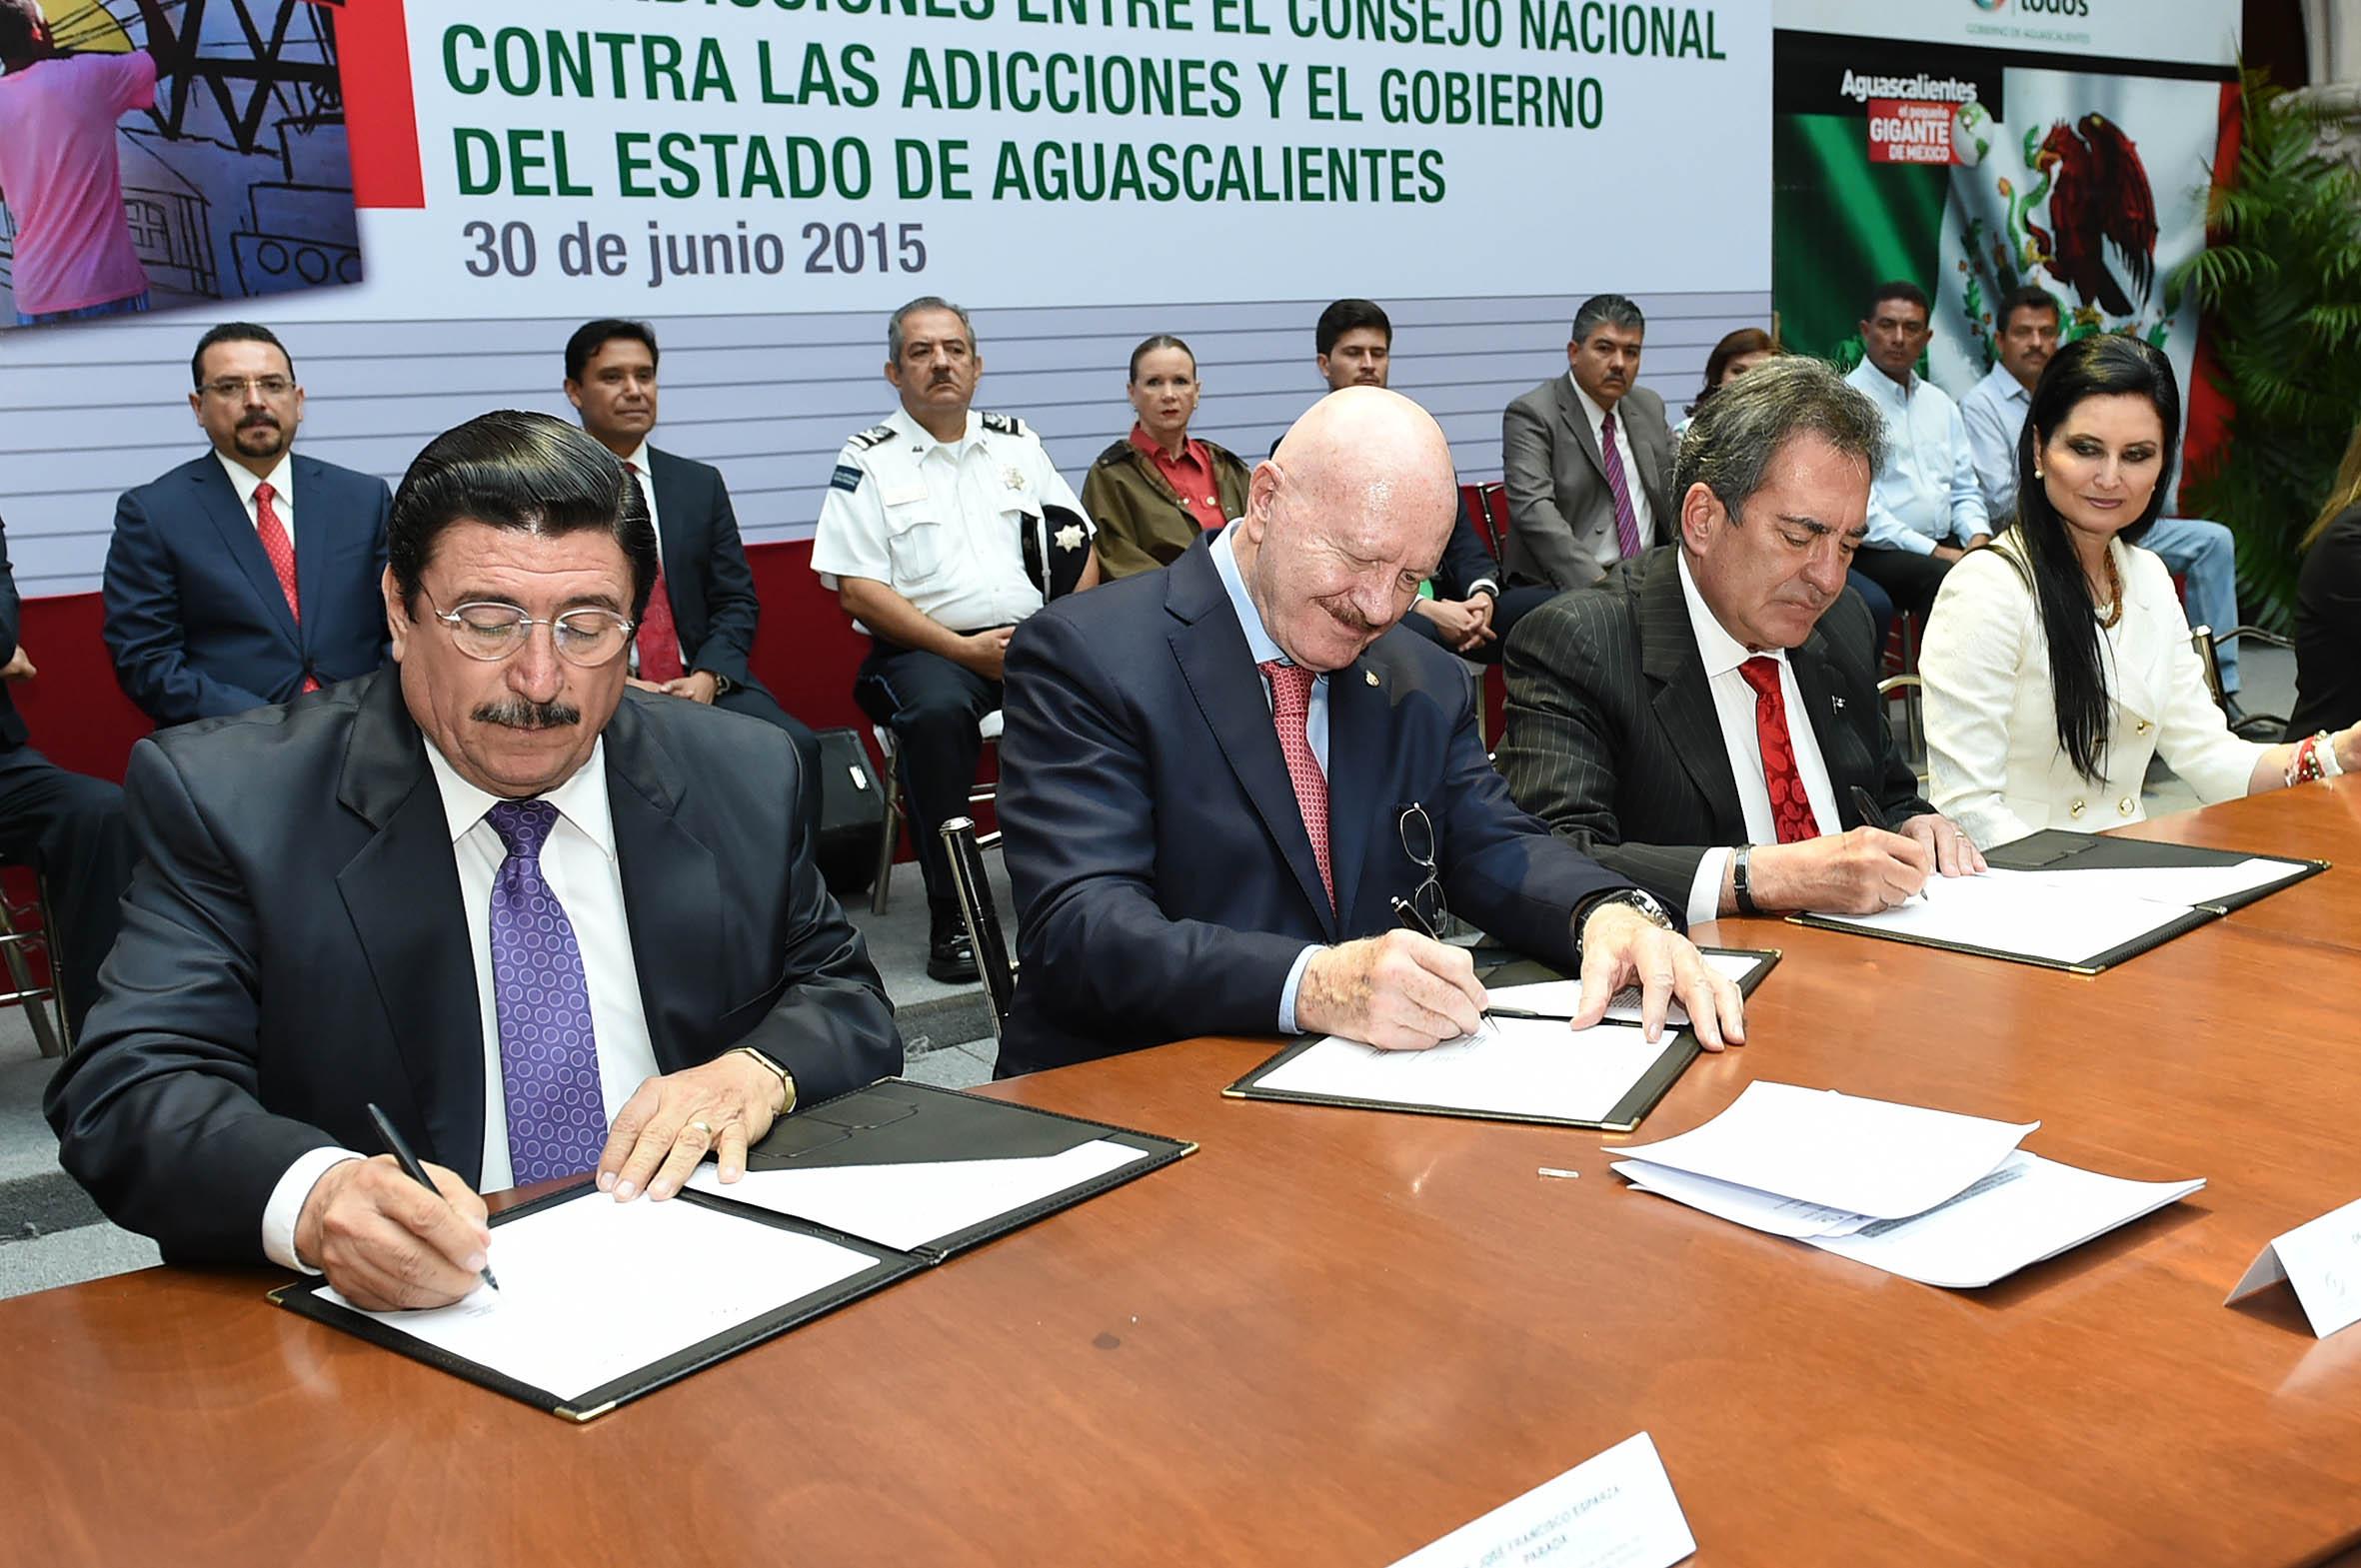 CONADIC y el gobierno de Aguascalientes firmaron convenio Específico para Prevención y Atención Integral de las Adicciones